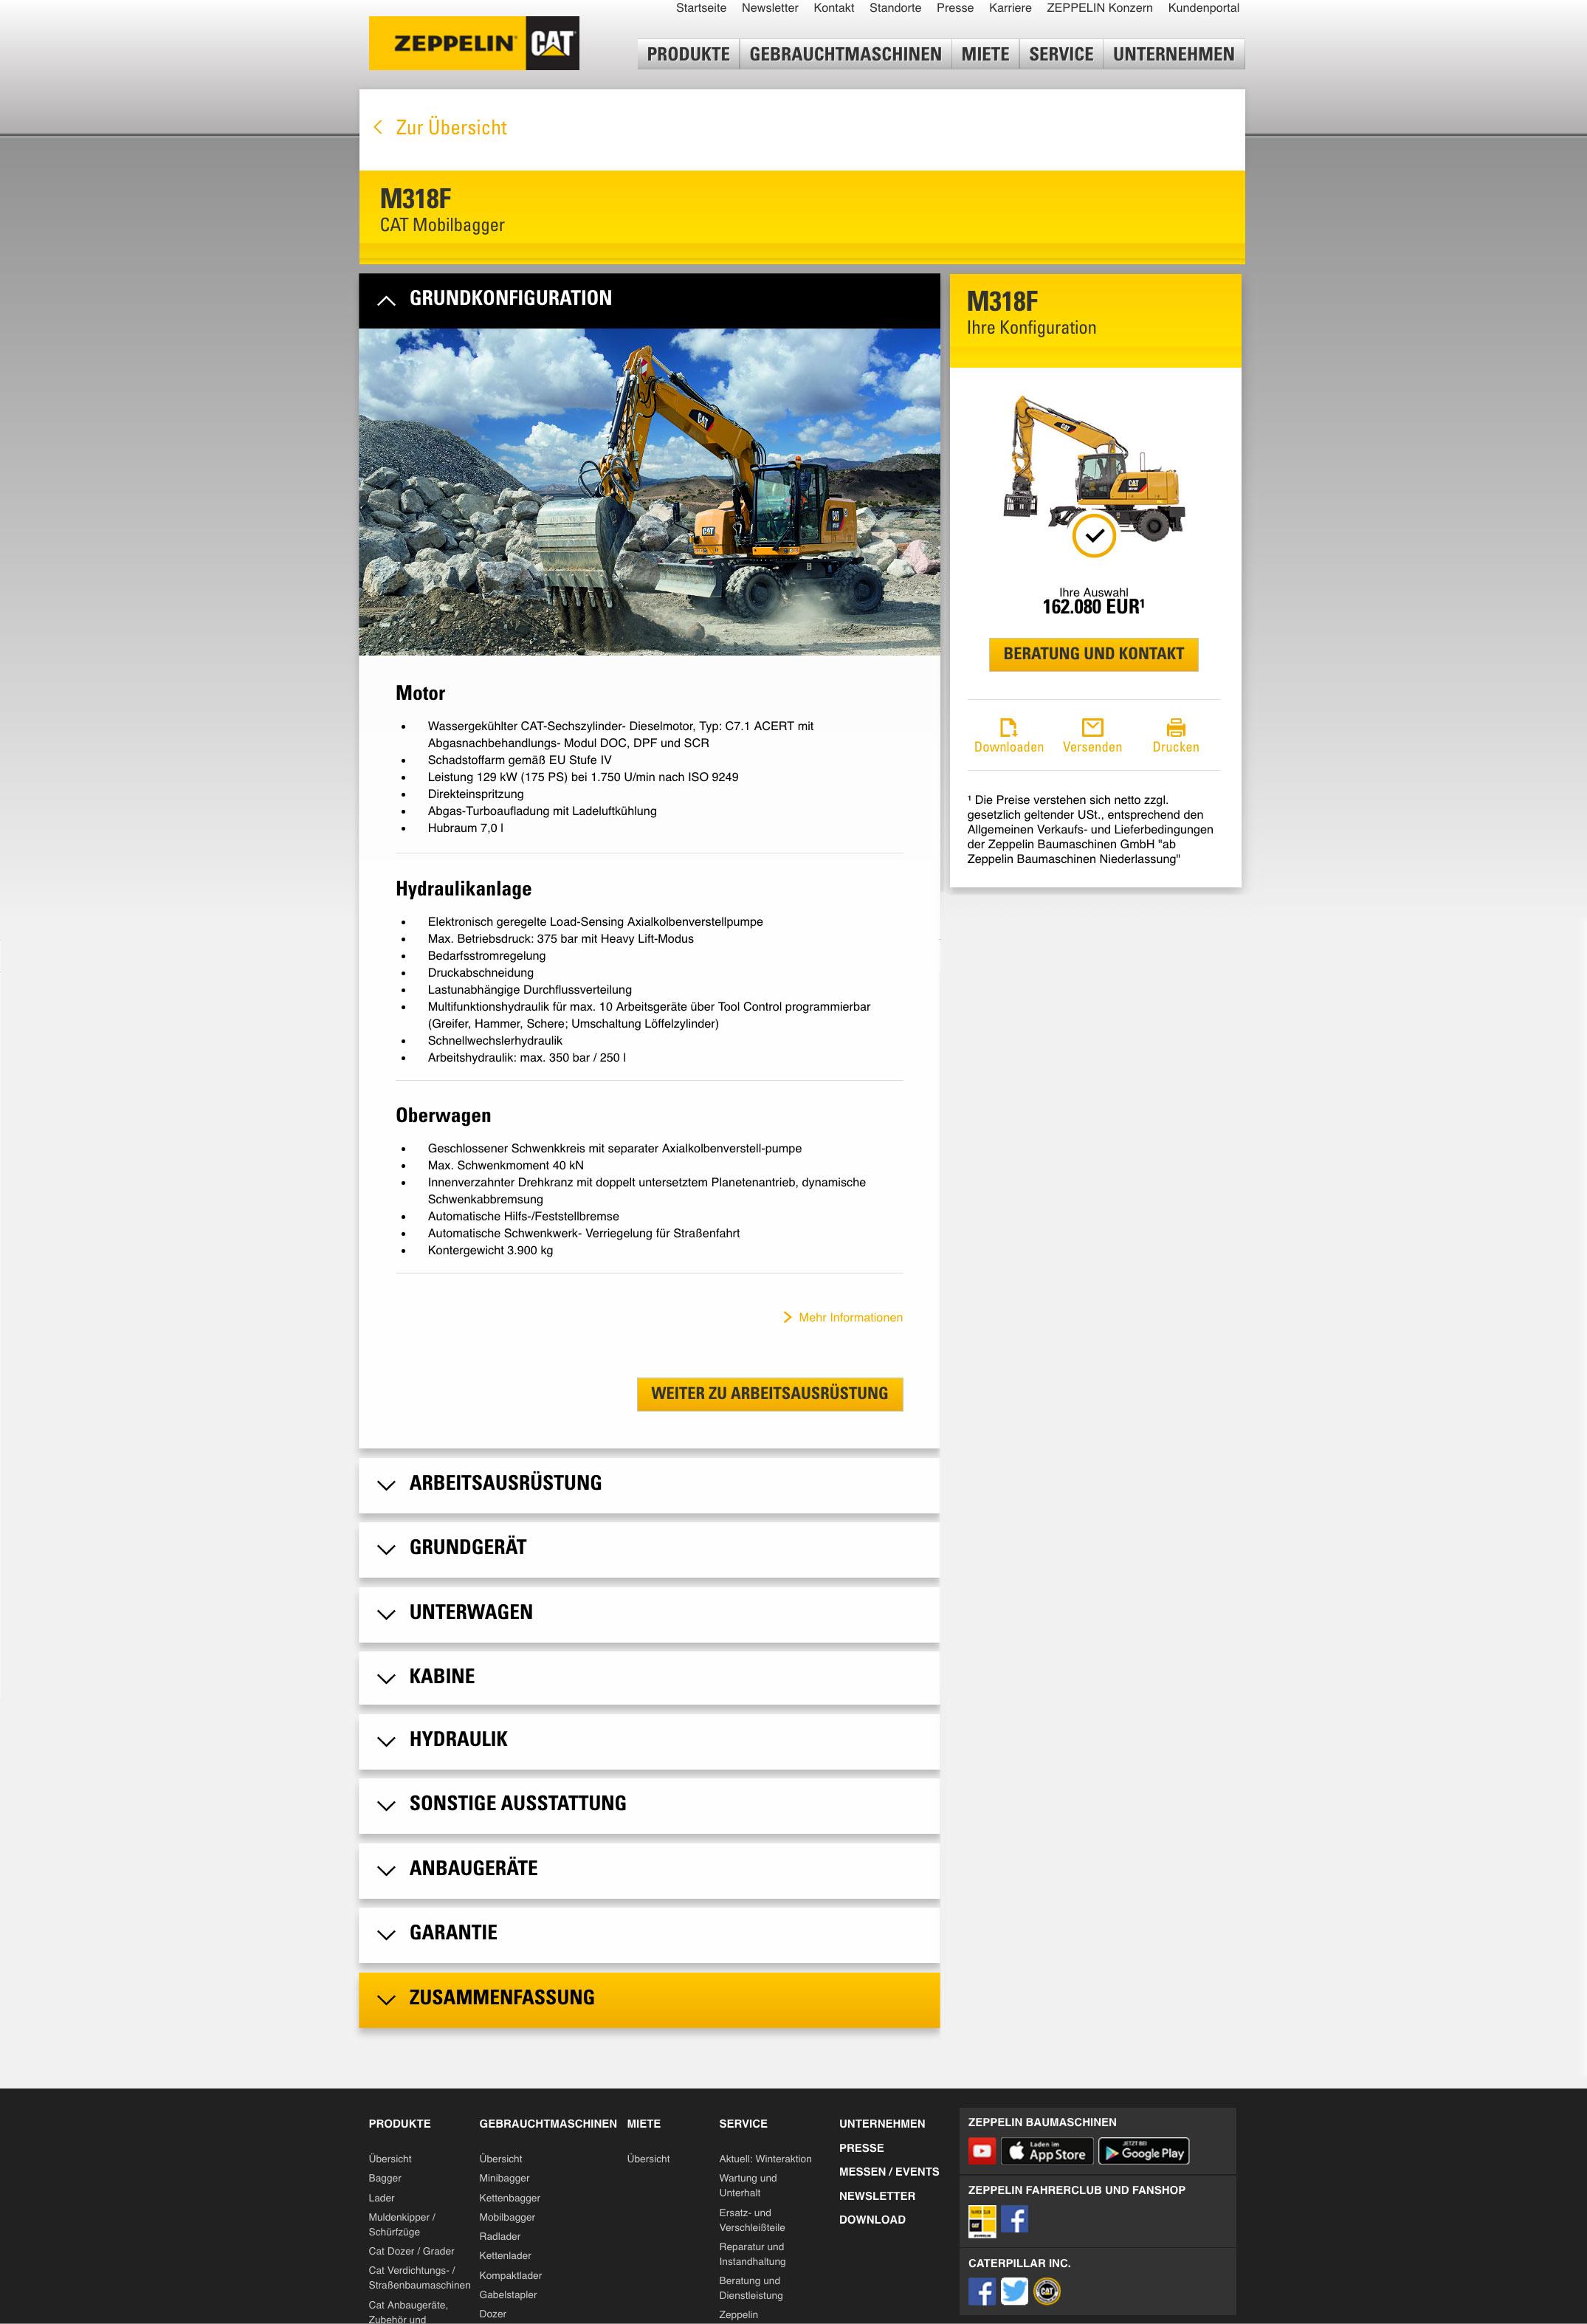 Zeppelin Konfigurator im Internet: Wie bei einem Baukasten lässt sich hier ein Cat Bagger oder Cat Radlader zusammensetzen, der Preis passt sich bei jeder Eingabe an. Am Ende wird eine Zusammenfassung des Angebots in Form eines pdf generiert, das der Kunde ausdrucken, speichern oder per Email verschicken kann. Foto: Zeppelin